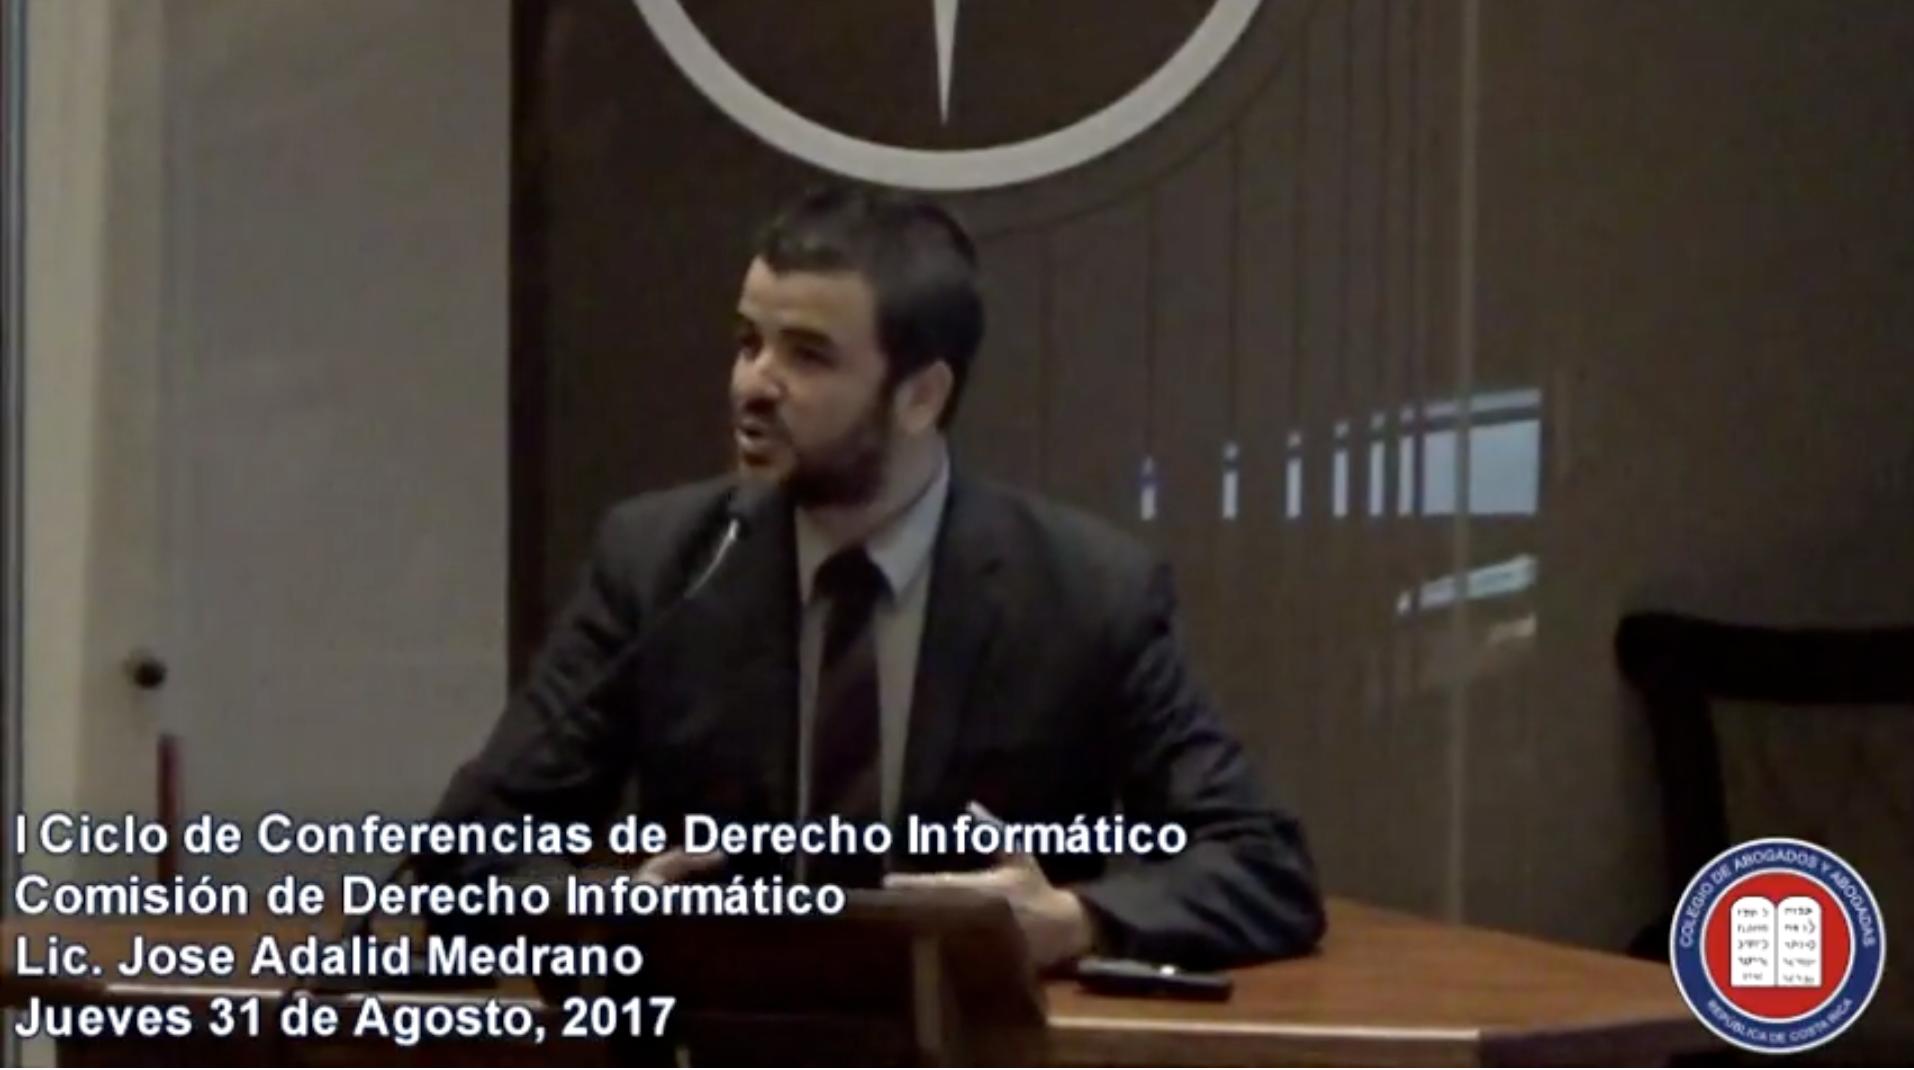 https://adalidmedrano.com/wp-content/uploads/2017/08/Captura-de-pantalla-2018-06-24-a-las-02.31.02.png